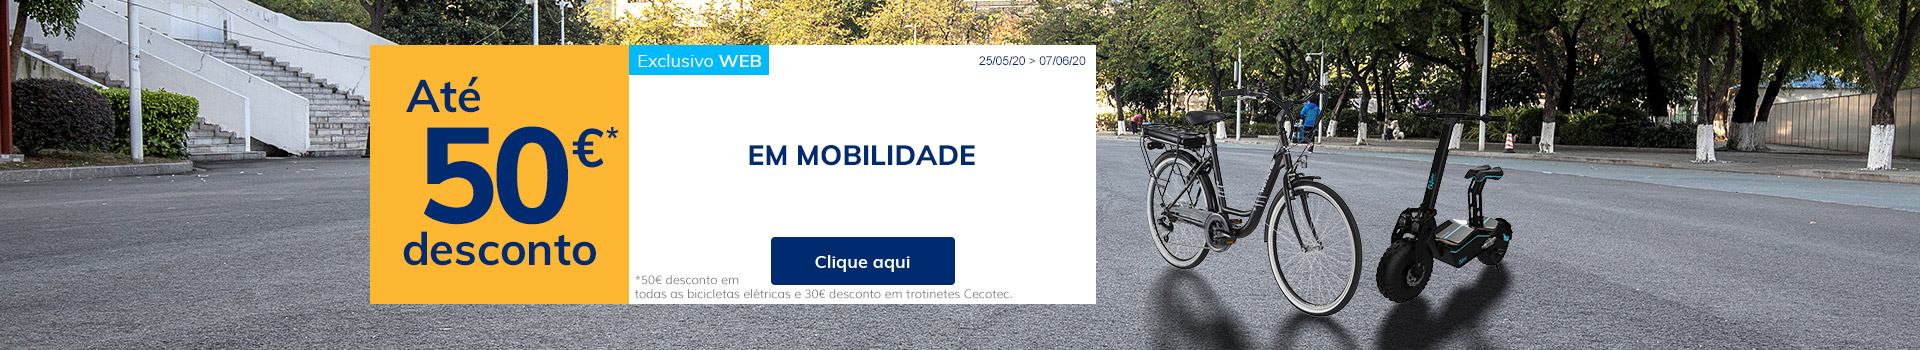 Até 50€ desconto em mobilidade